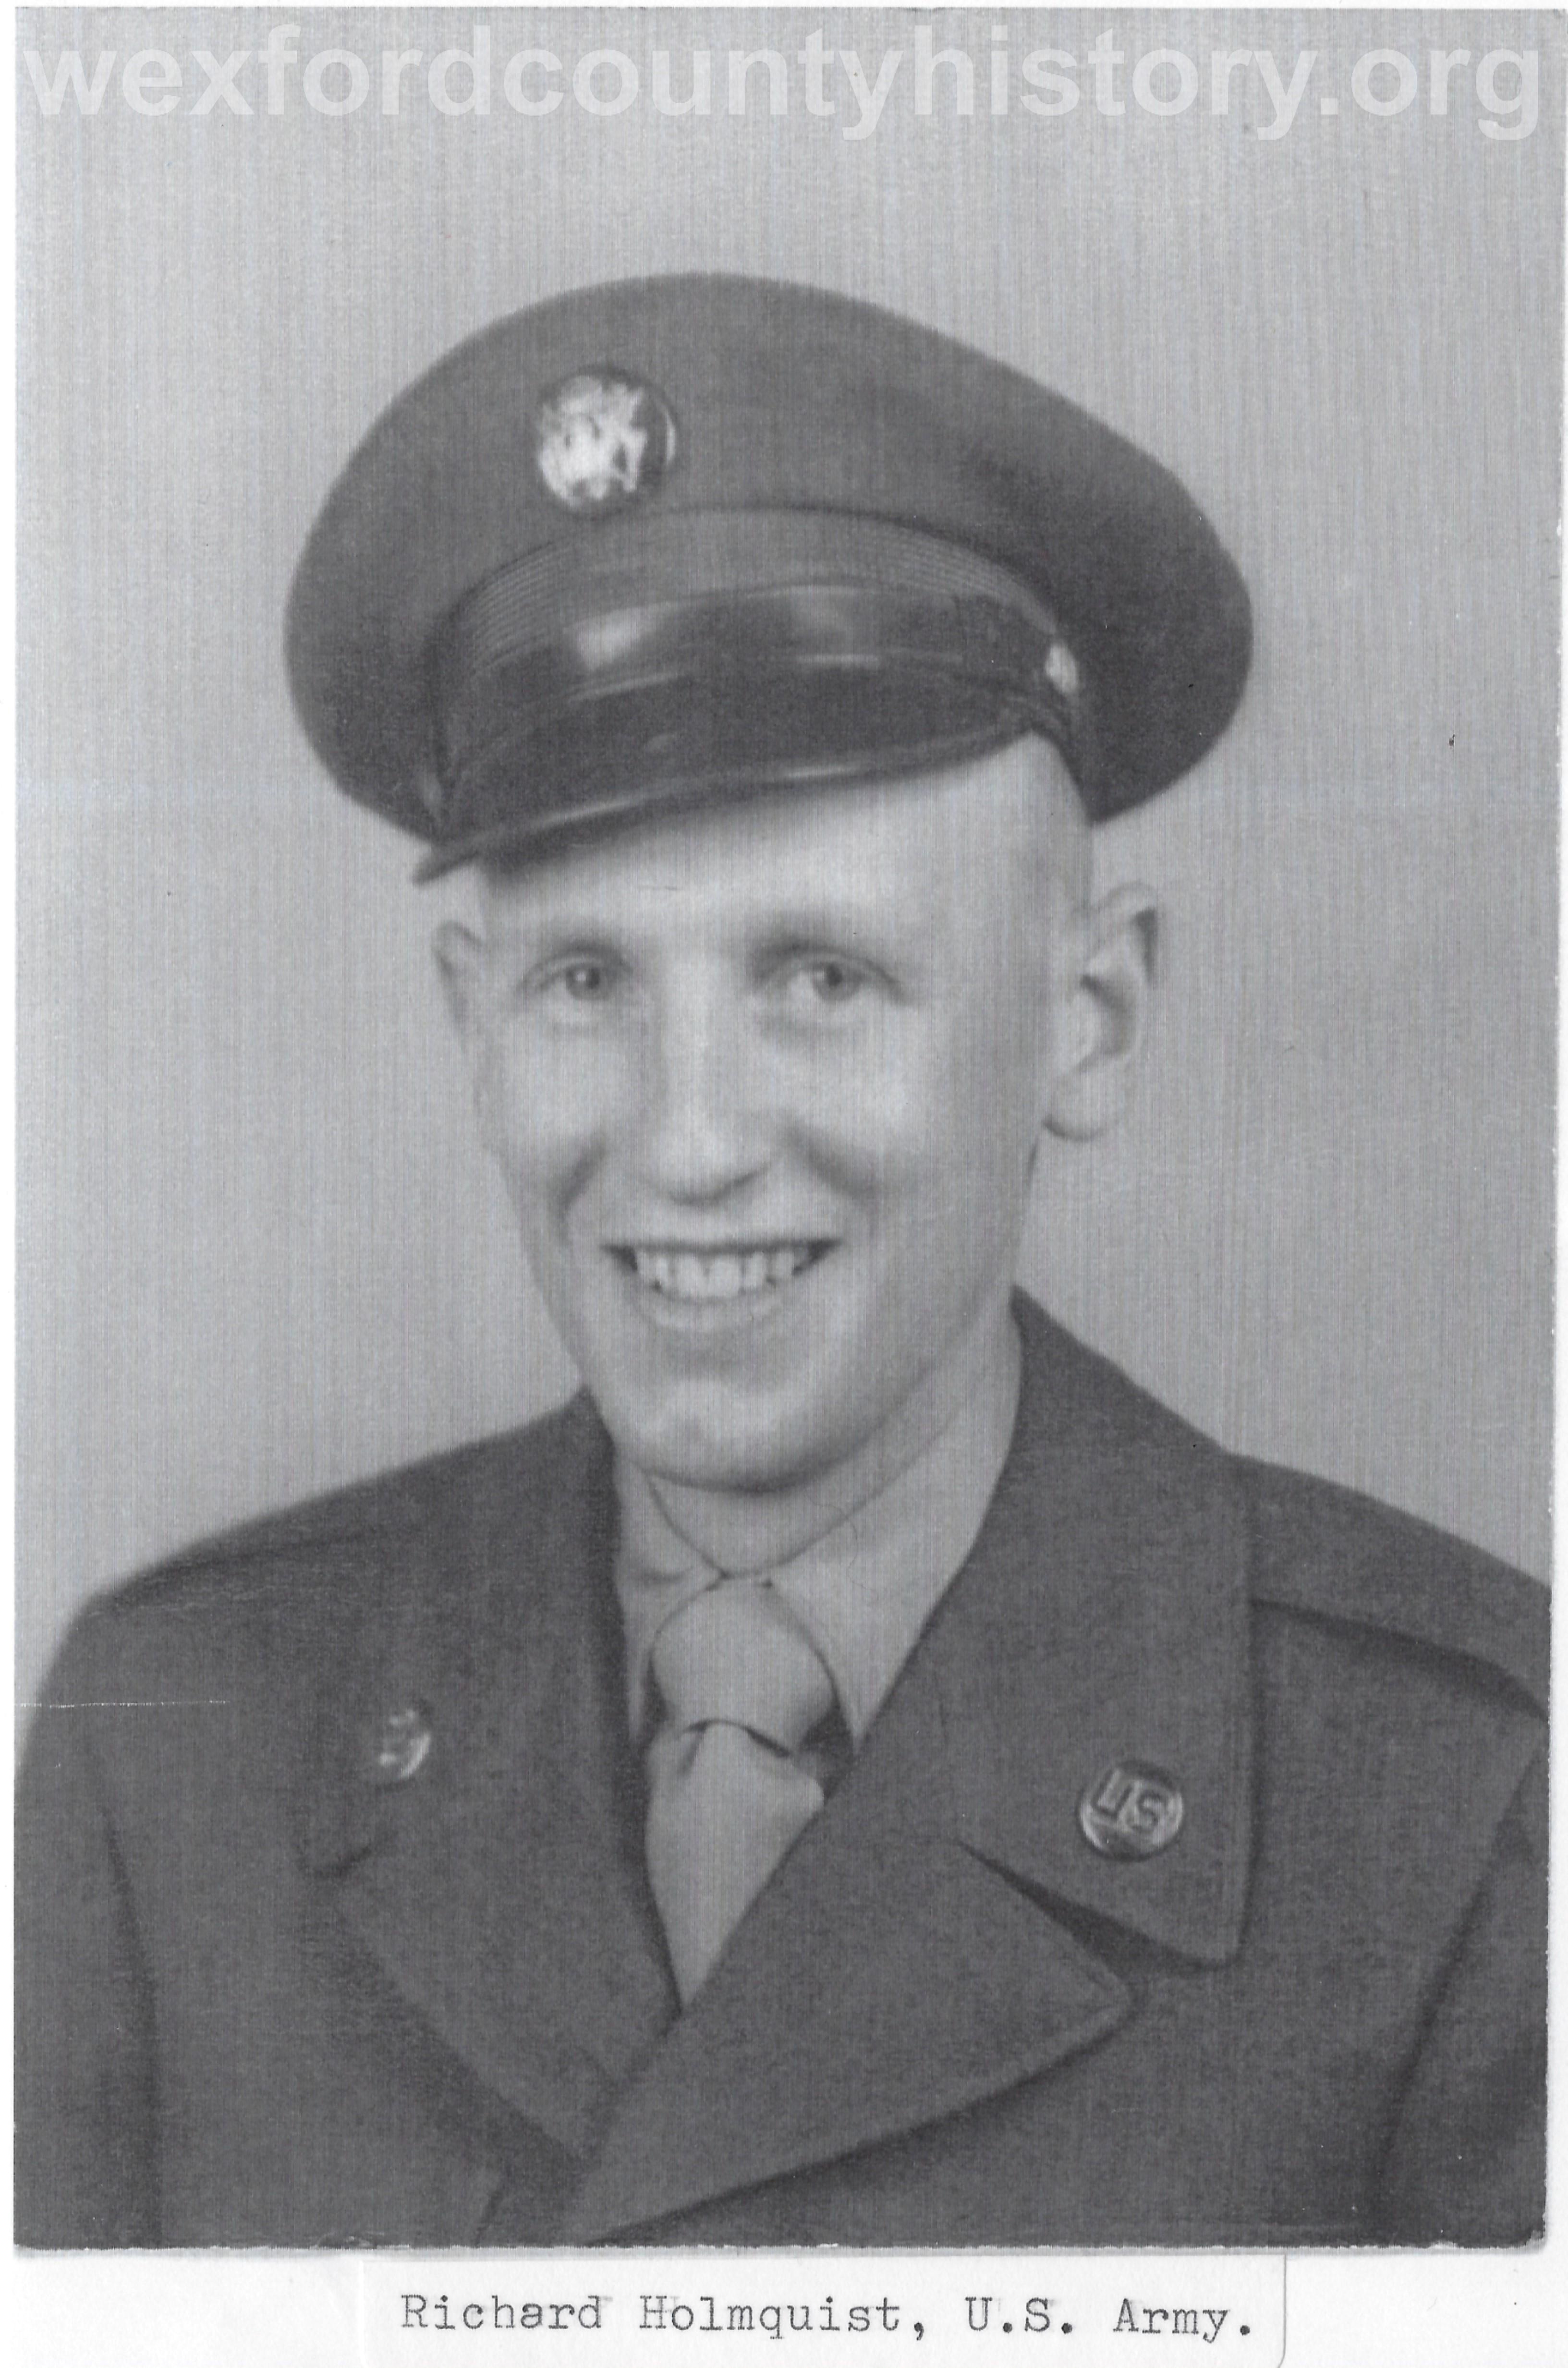 Richard Holmquist